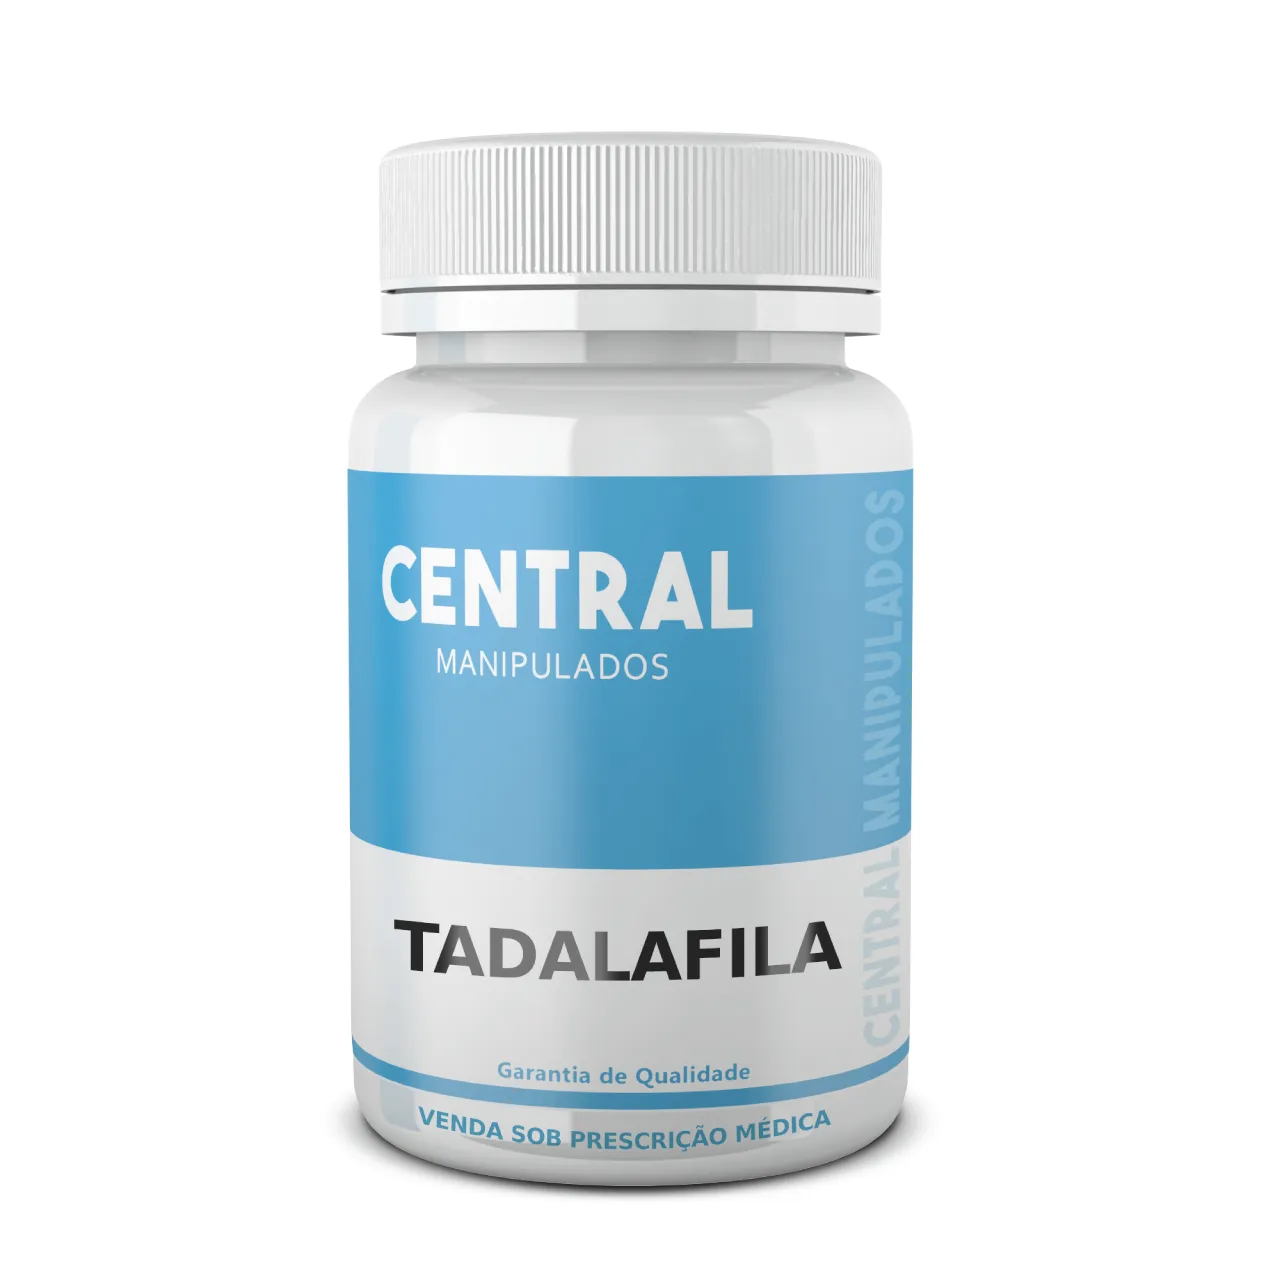 Tadalafila 20mg - 240 cápsulas